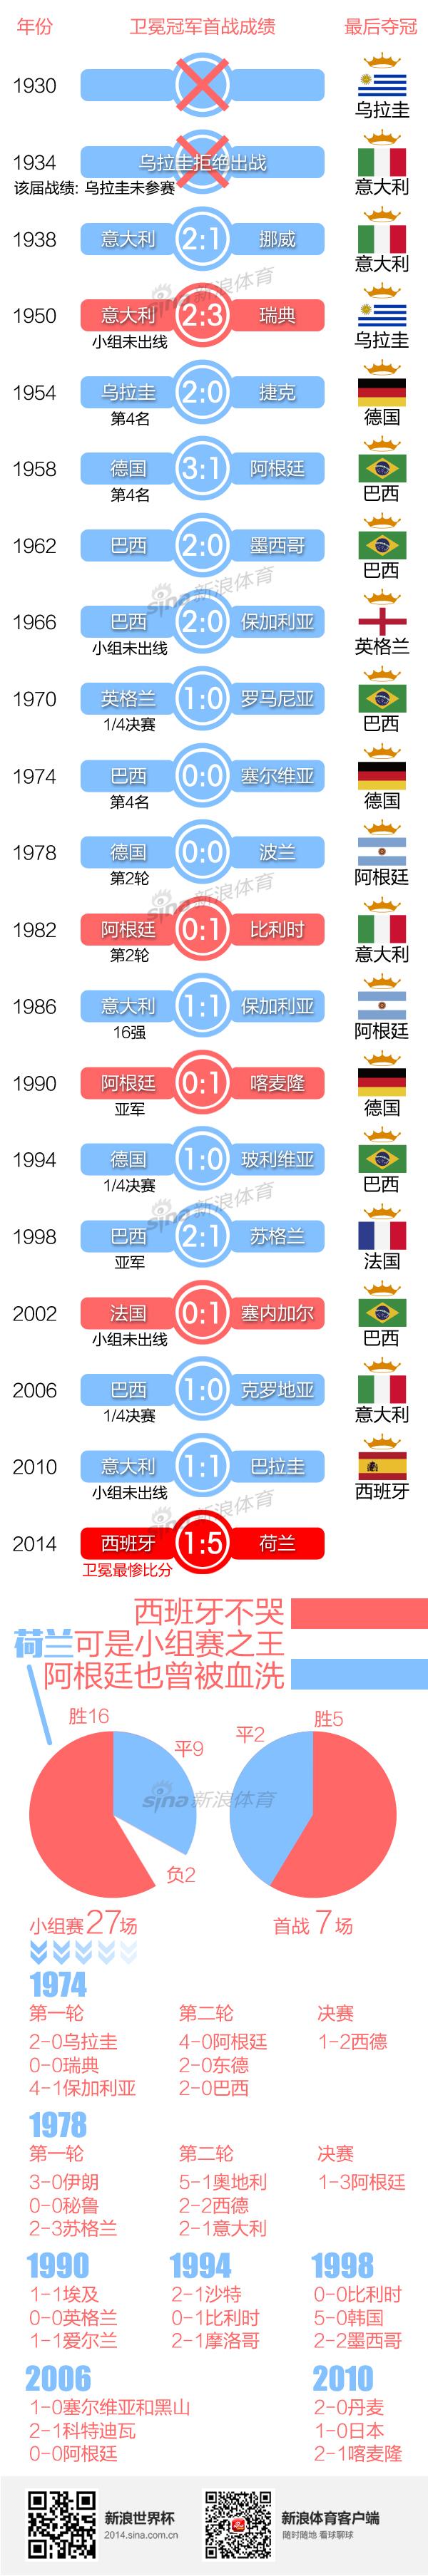 图解:卫冕冠军首战输球历史西班牙最惨